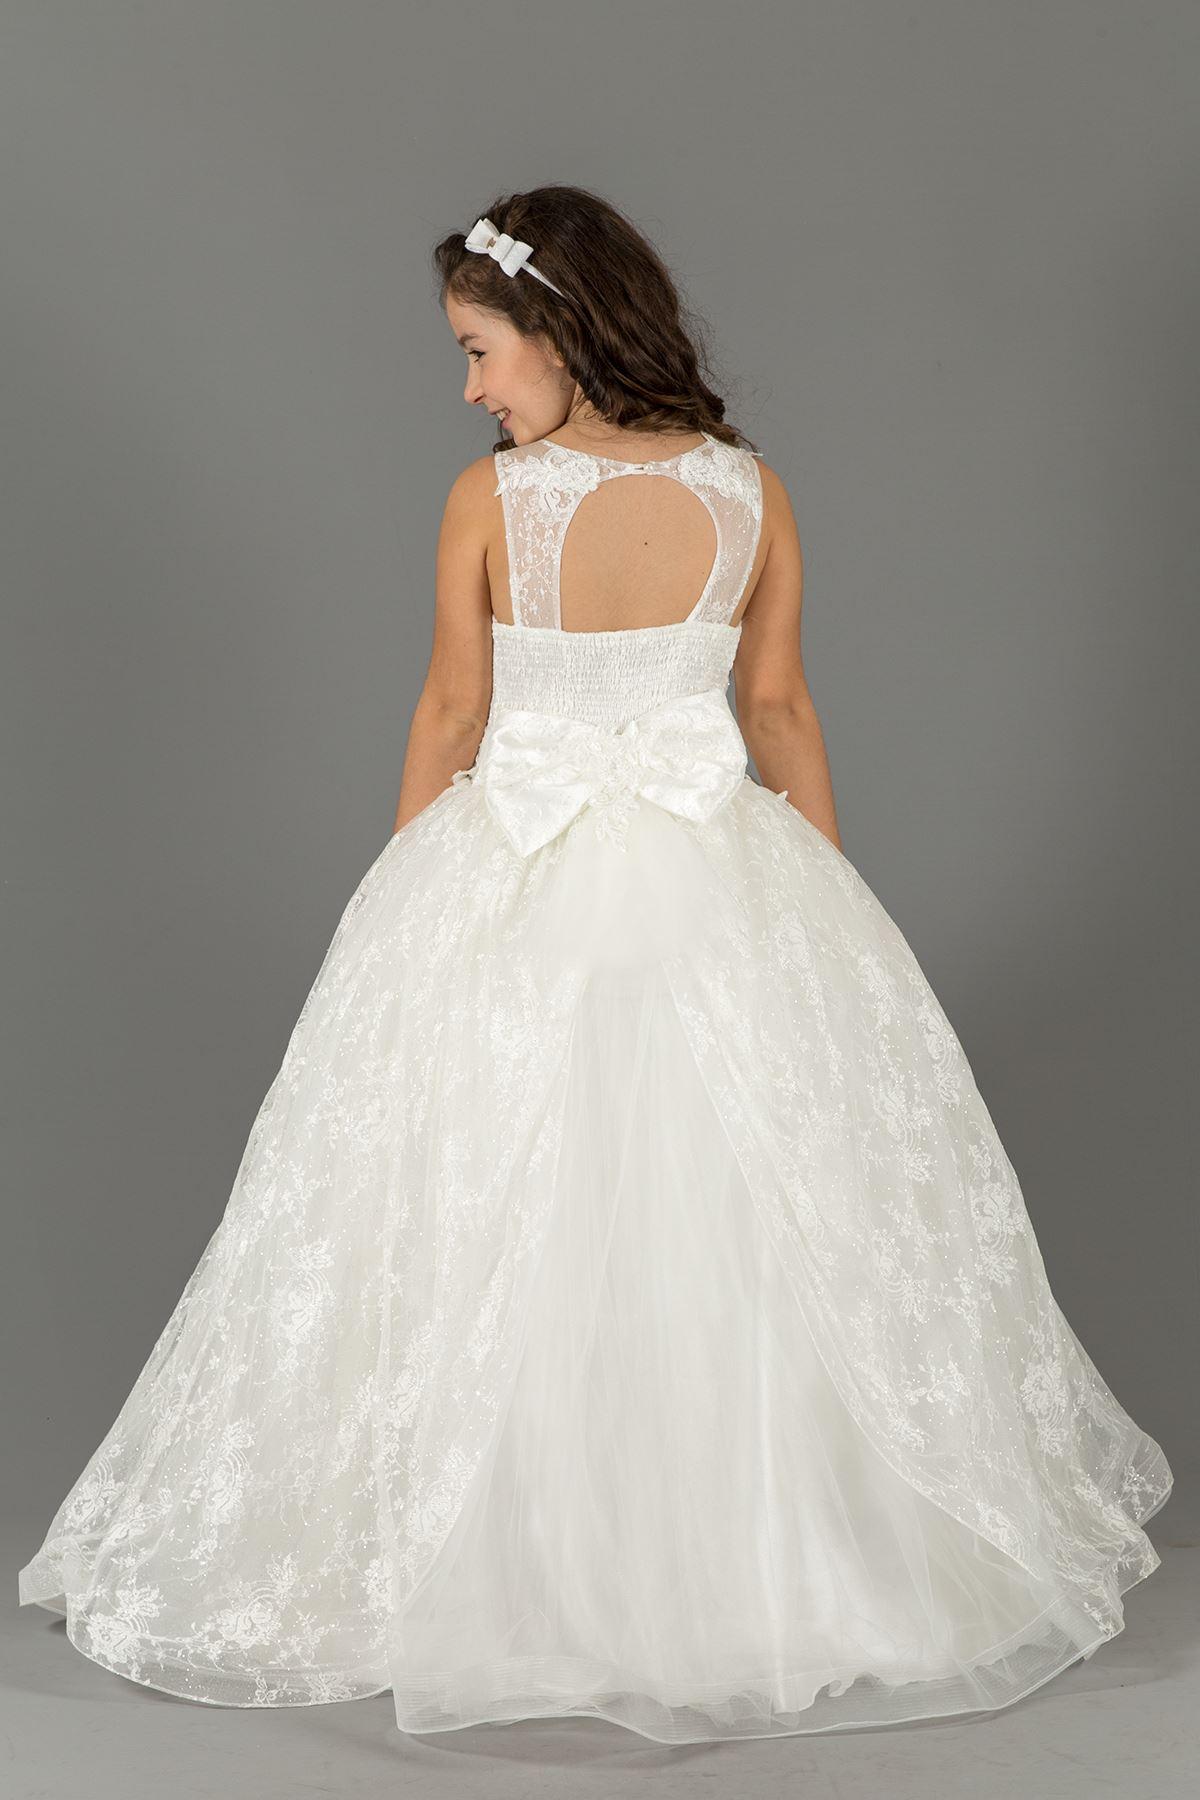 Ασημένια γεμάτη δαντέλα, επένδυση Φόρεμα βραδινό φόρεμα Fluffy Girl 572